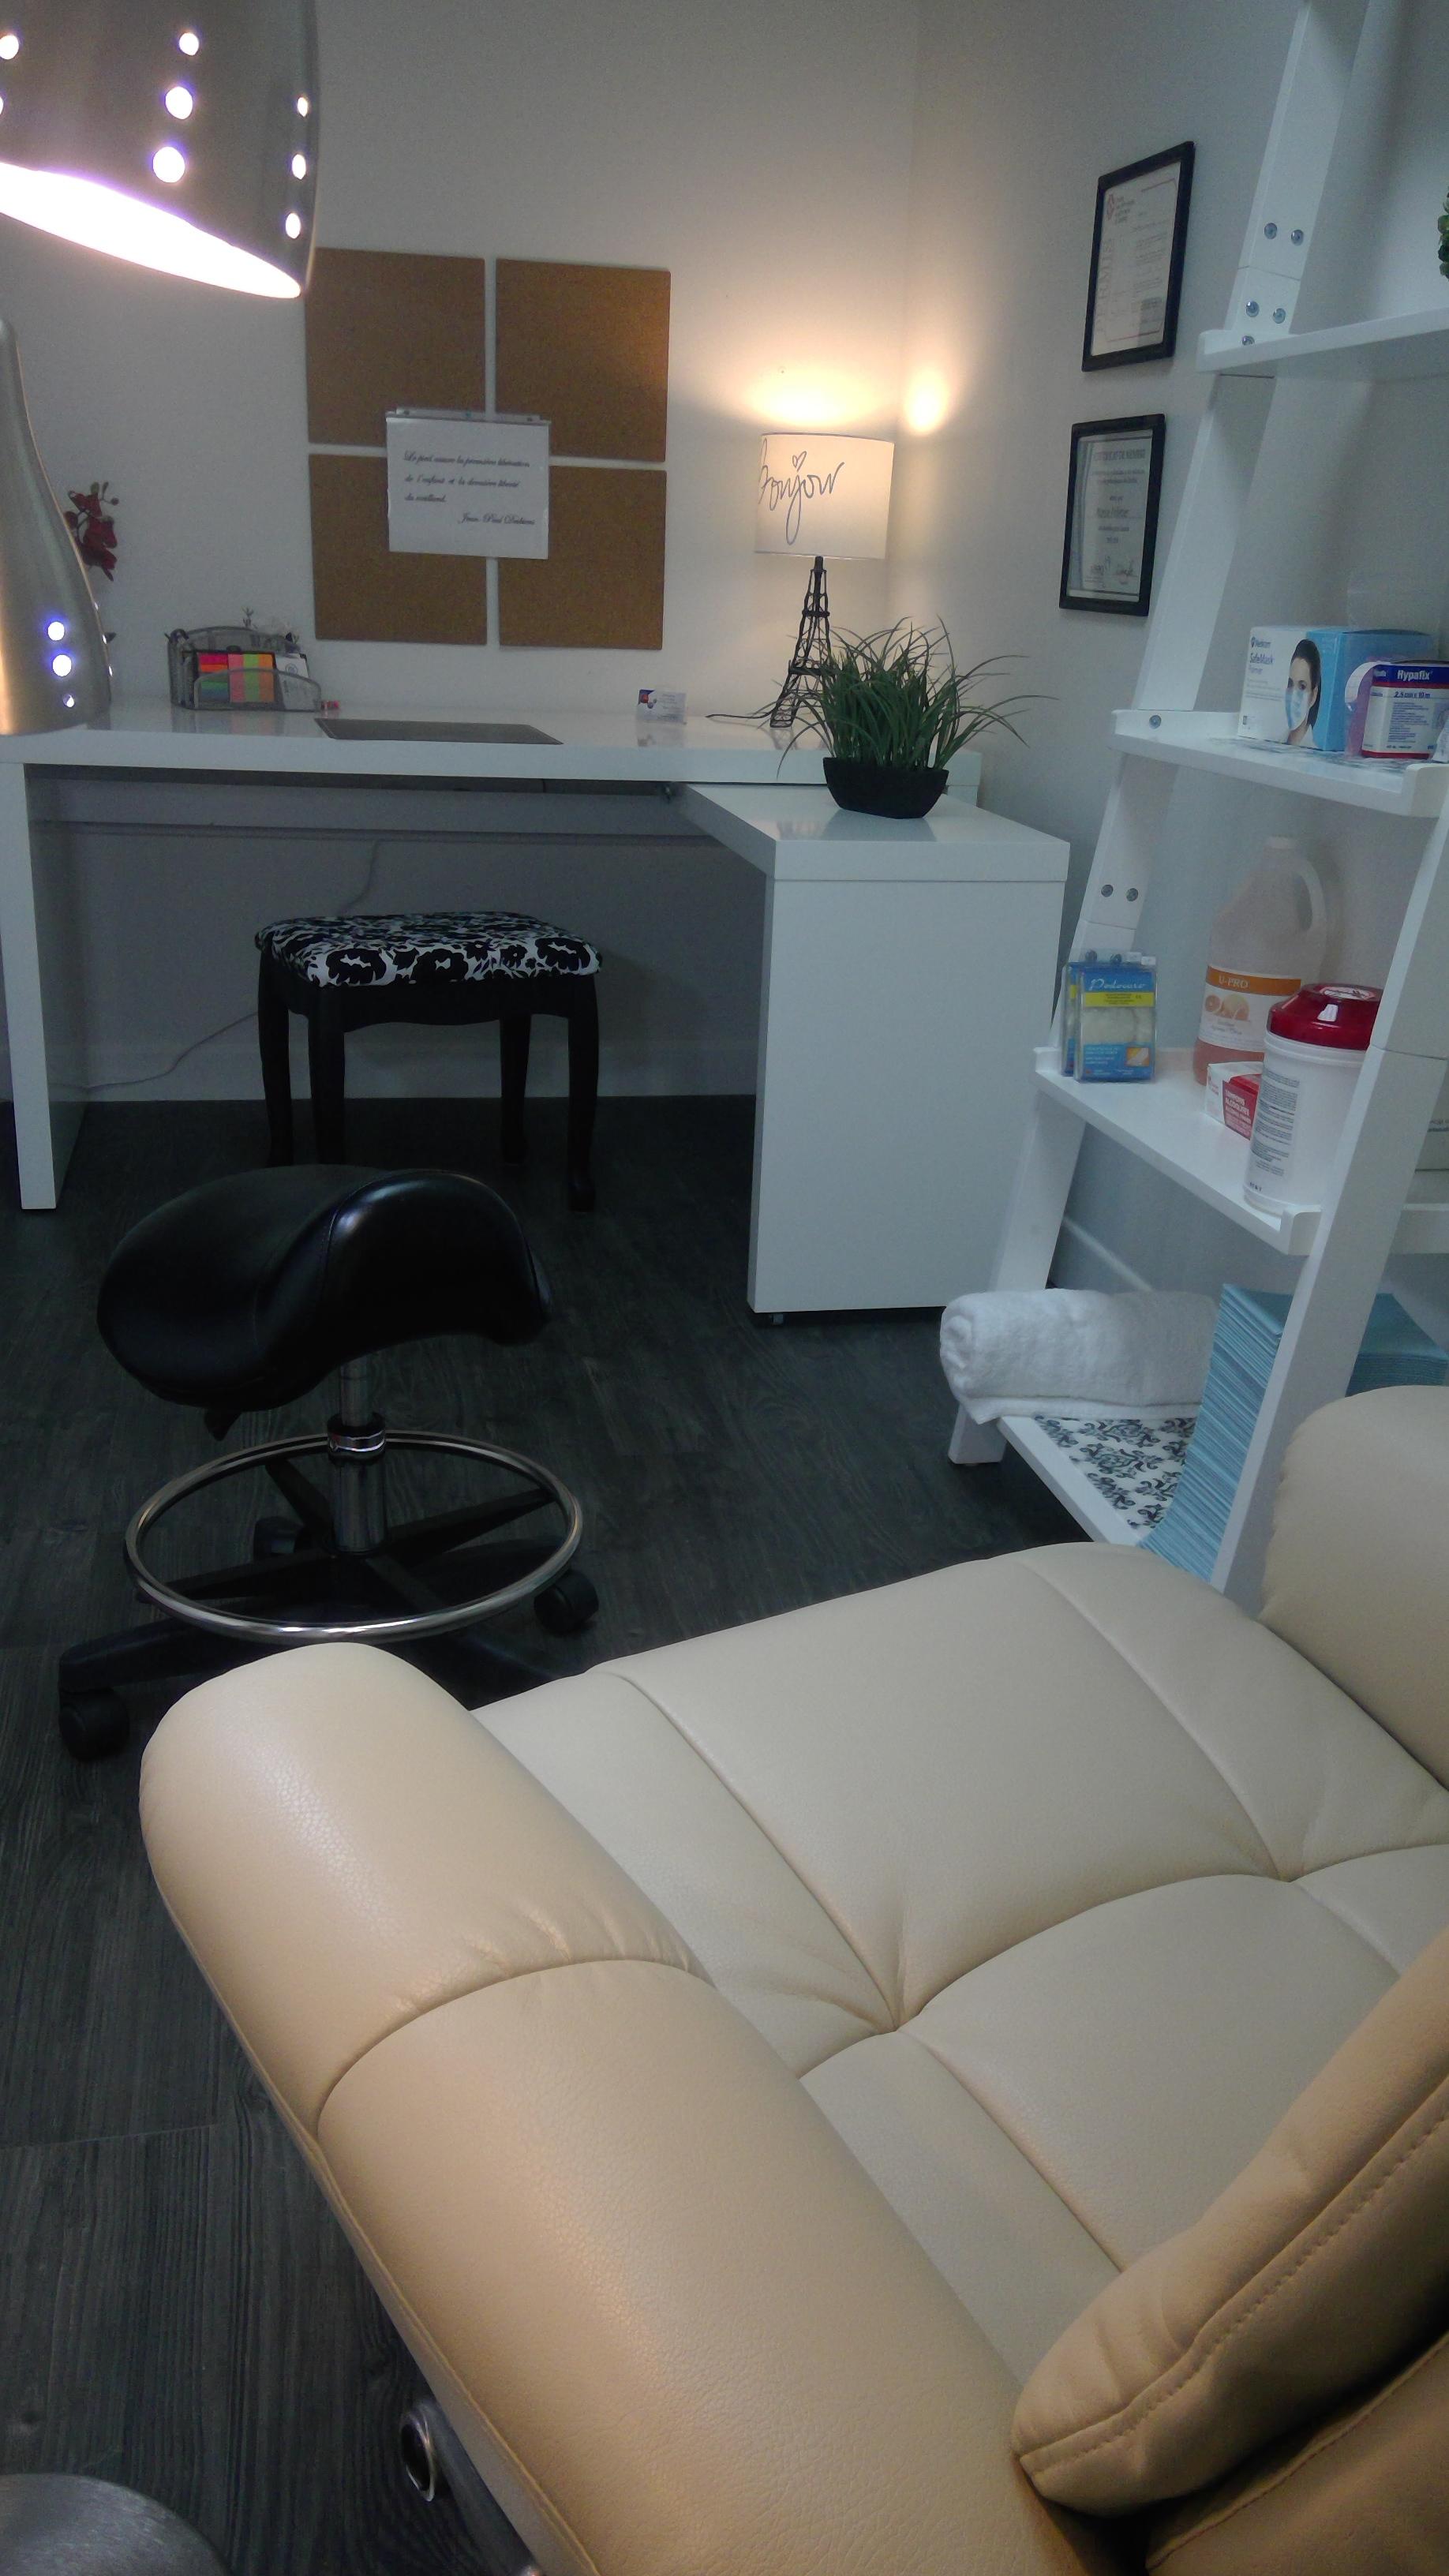 Bureau en clinique_site.jpg